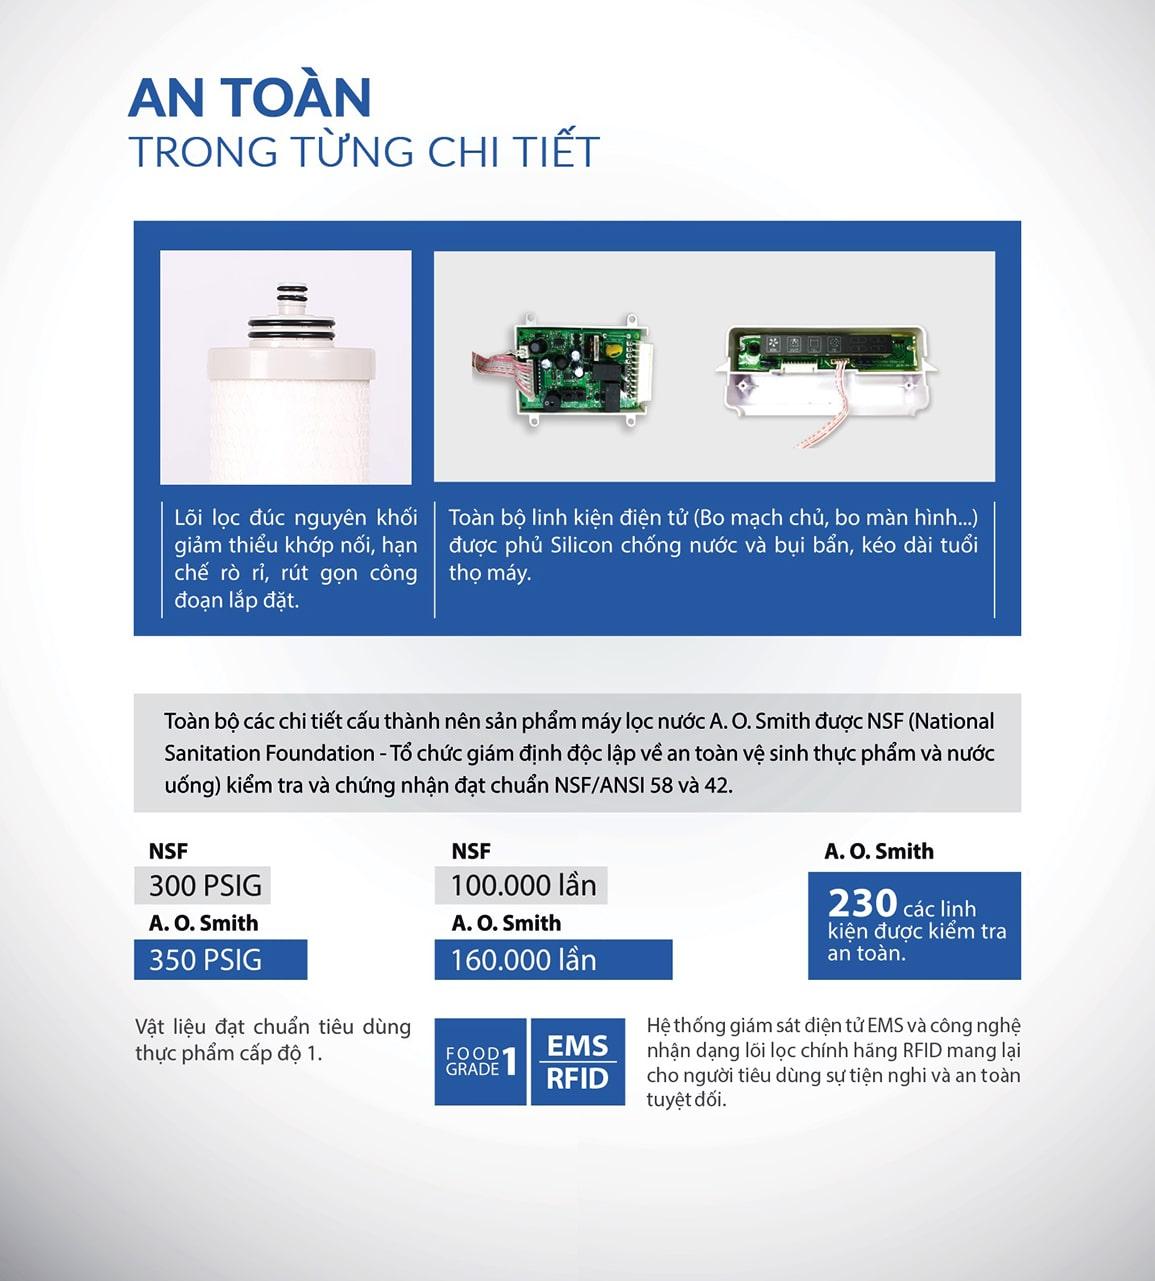 Ao Smith R400S đảm bảo an toàn trong tiêu dùng hơn dòng máy thường